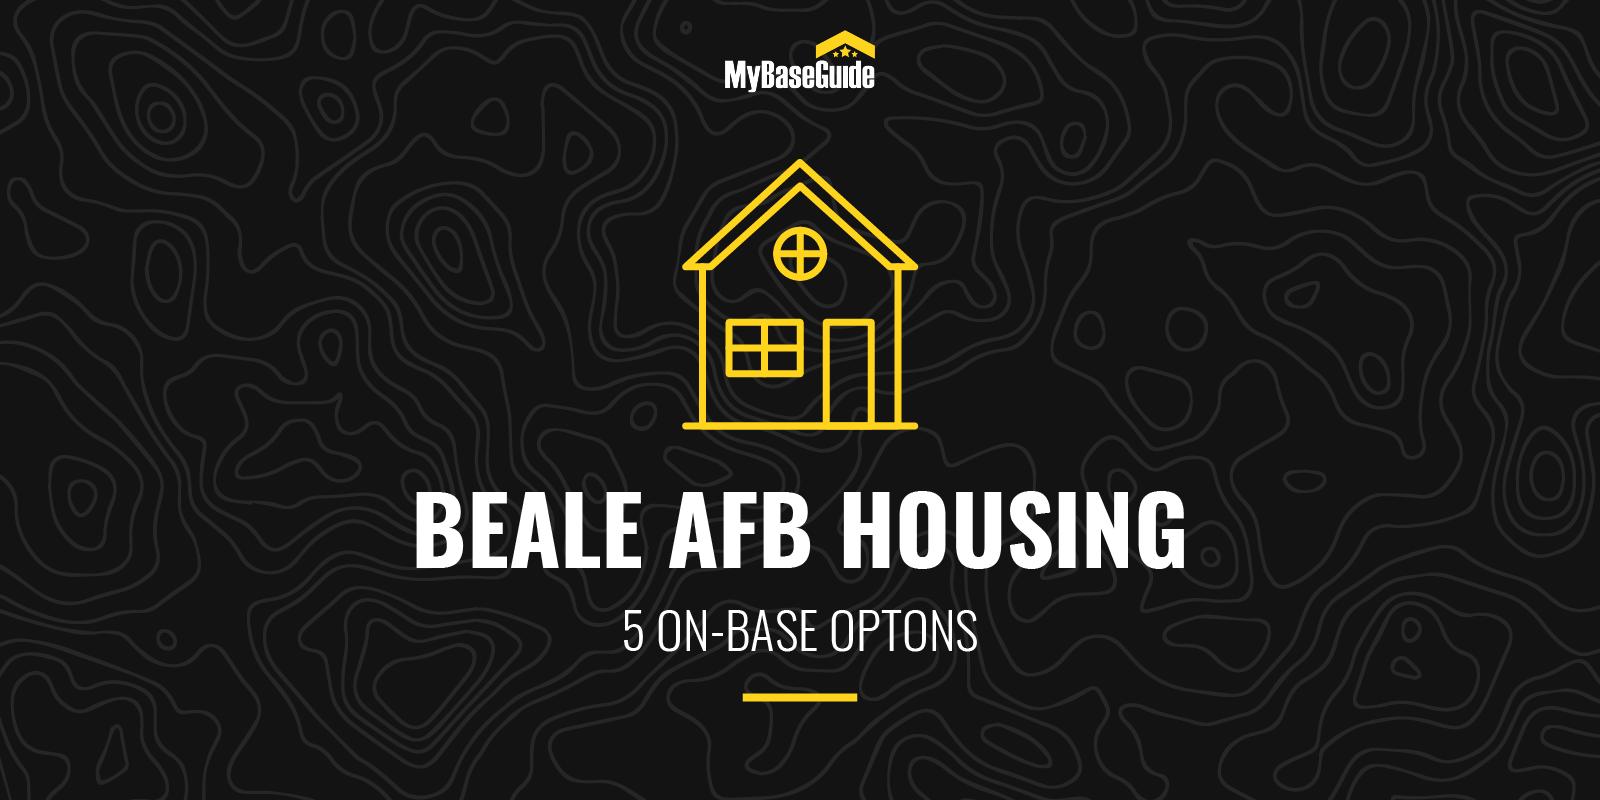 Beale AFB Housing: 5 On-Base Options